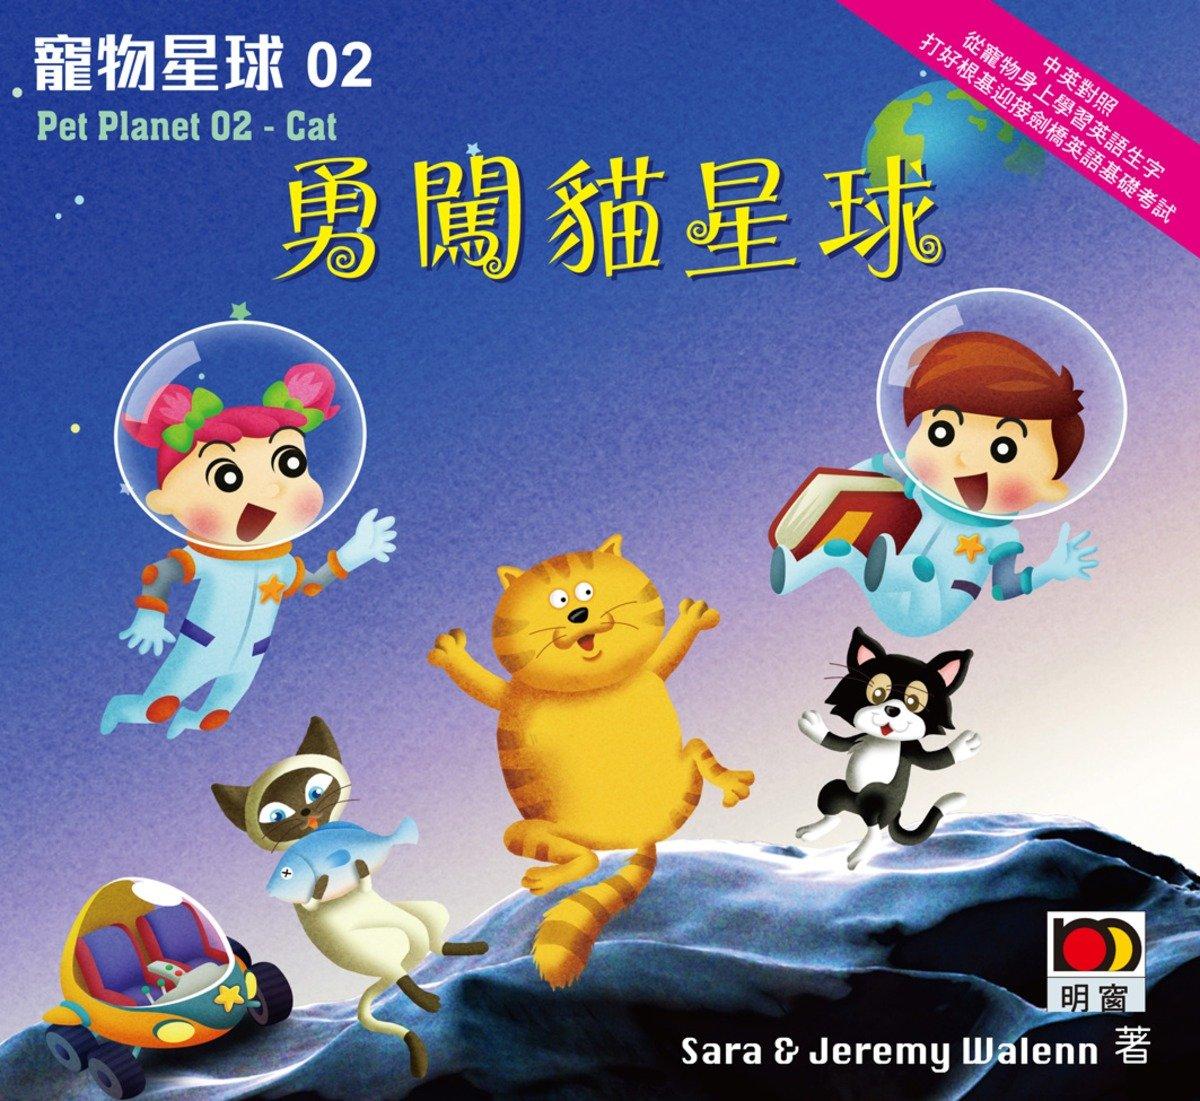 寵物星球02:勇闖貓星球